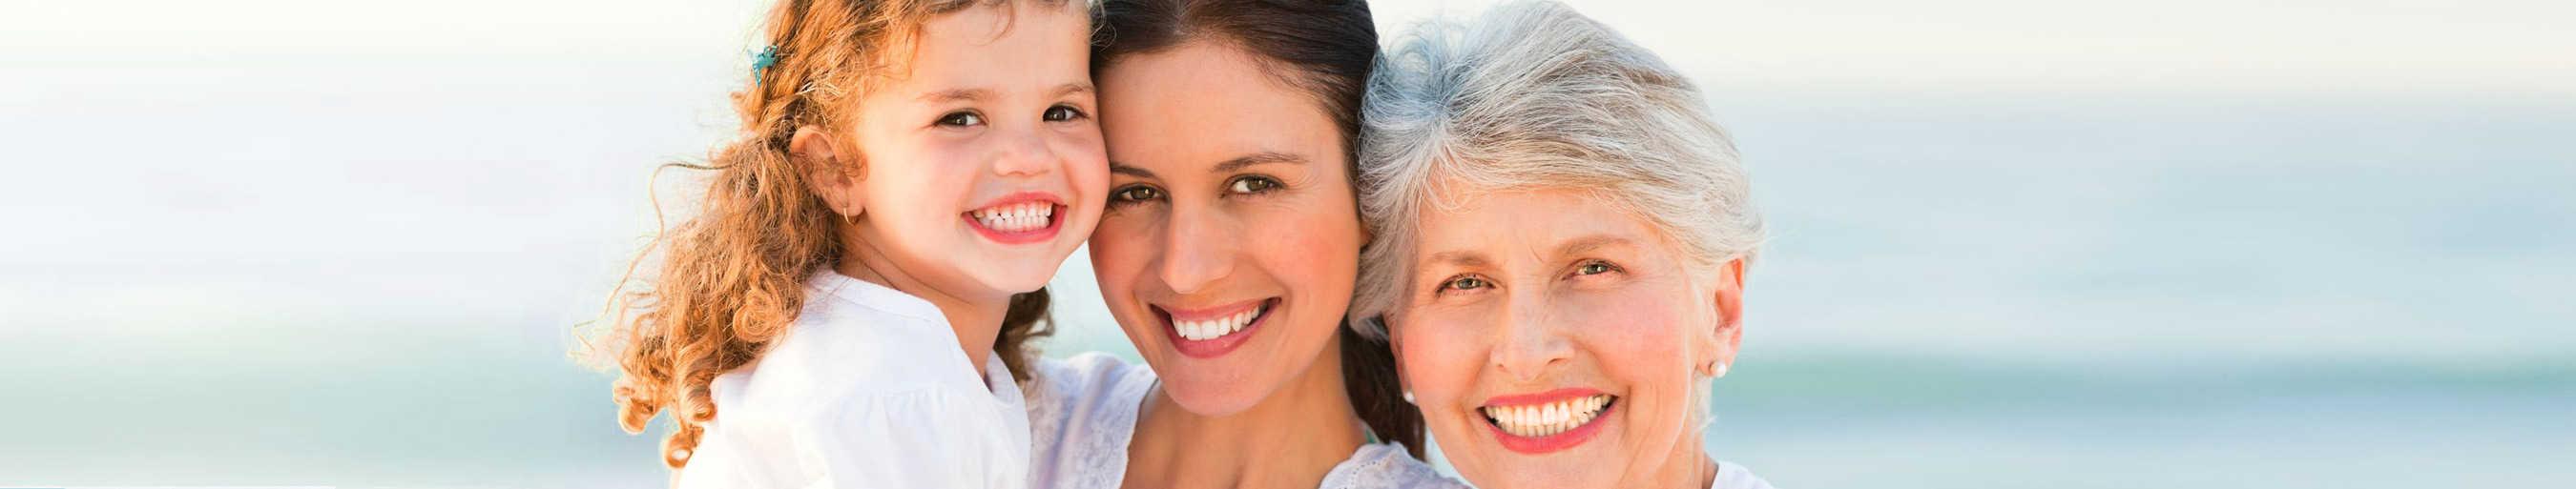 3 generaties vrouwen Shangri-la serum van Amanprana voor eeuwige jeugd